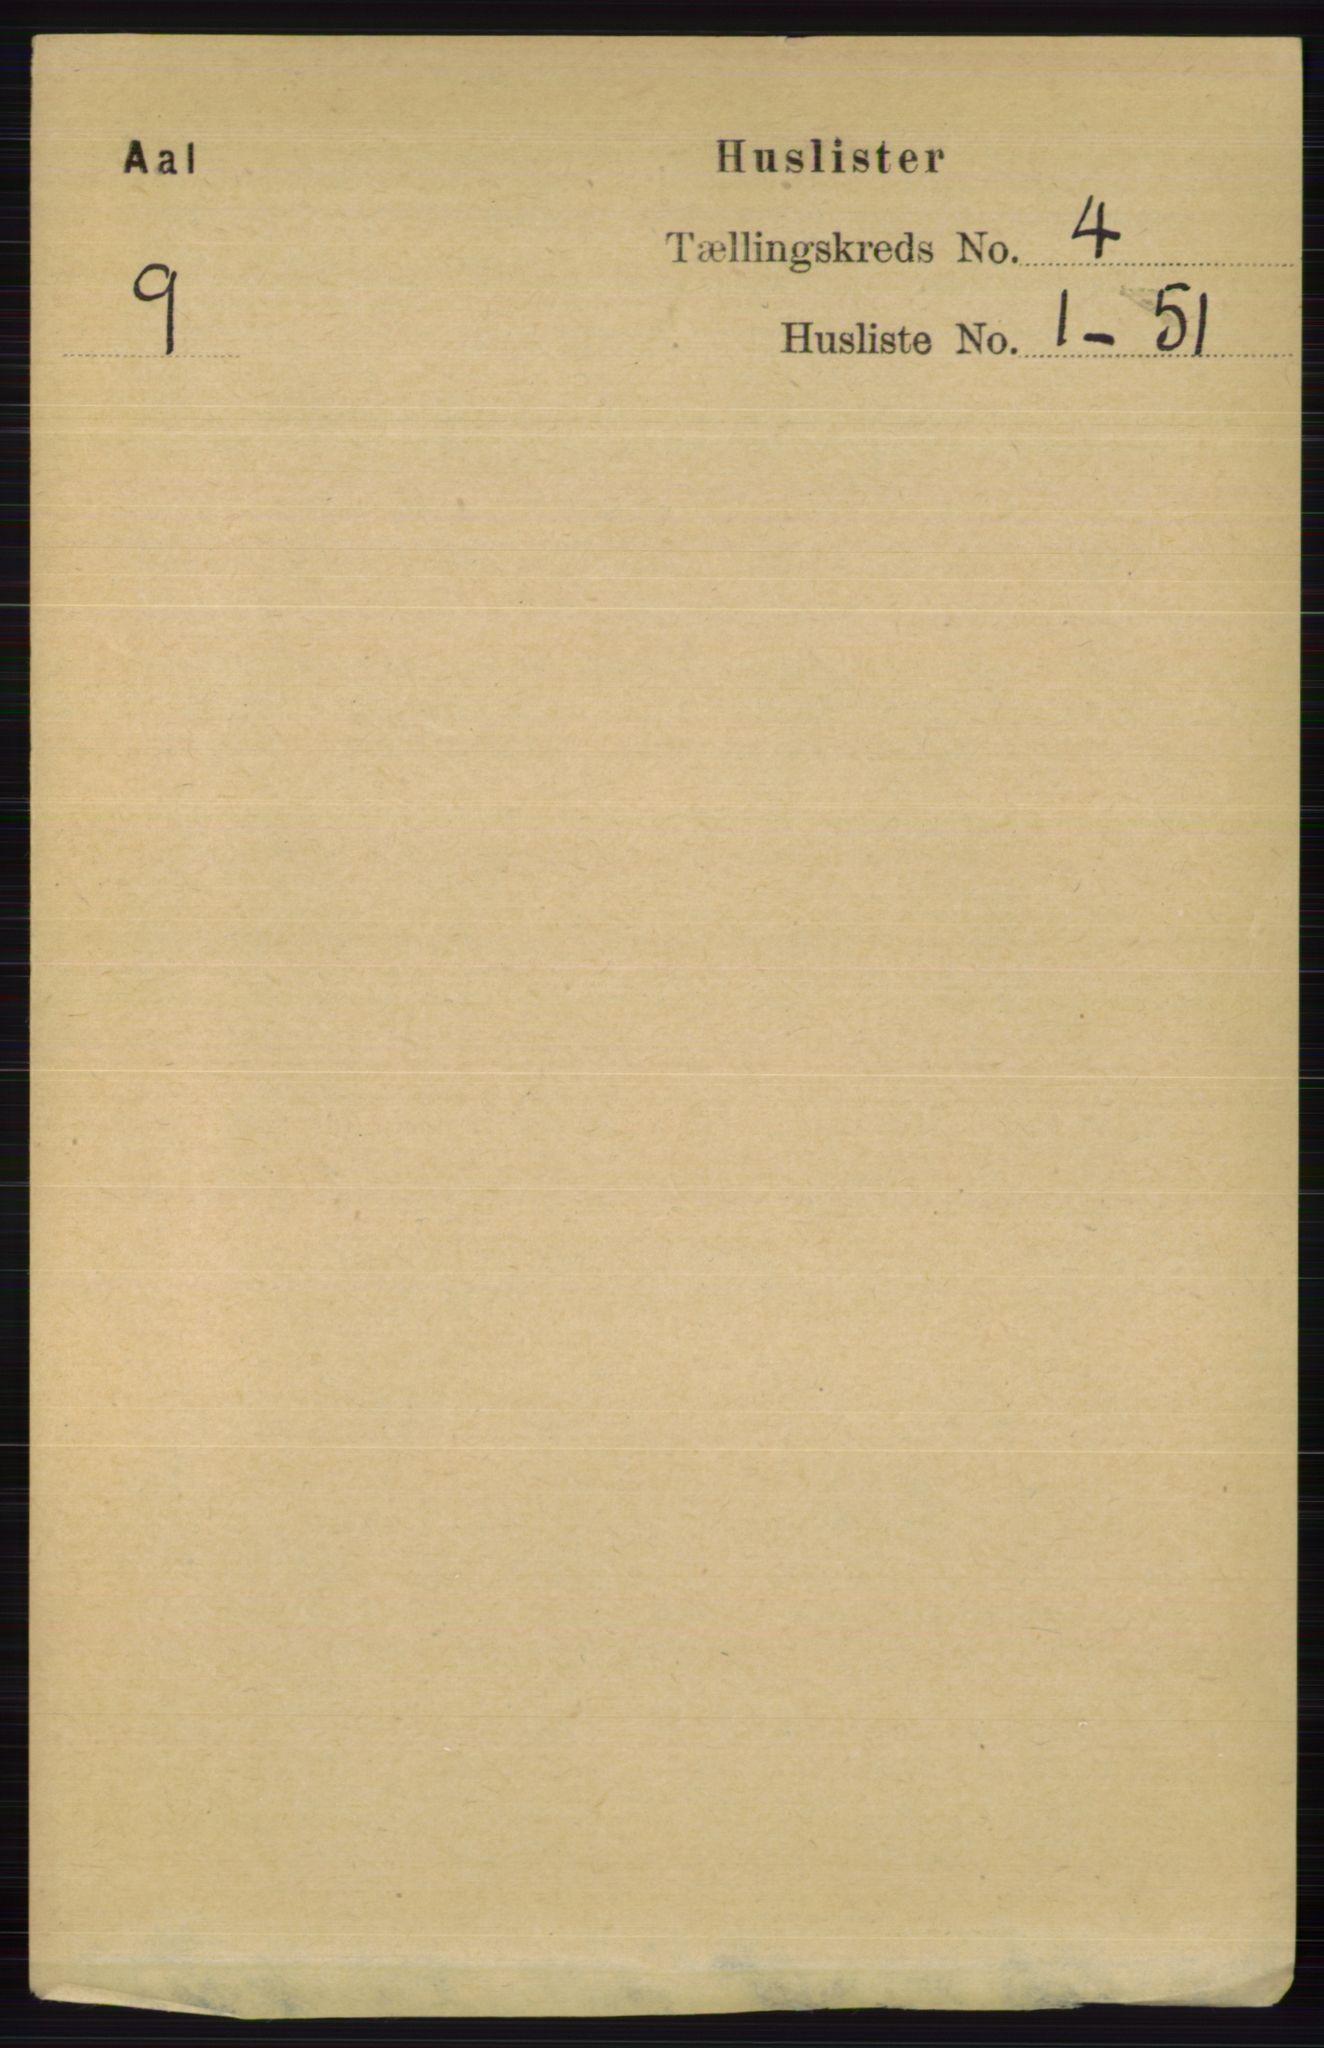 RA, Folketelling 1891 for 0619 Ål herred, 1891, s. 980